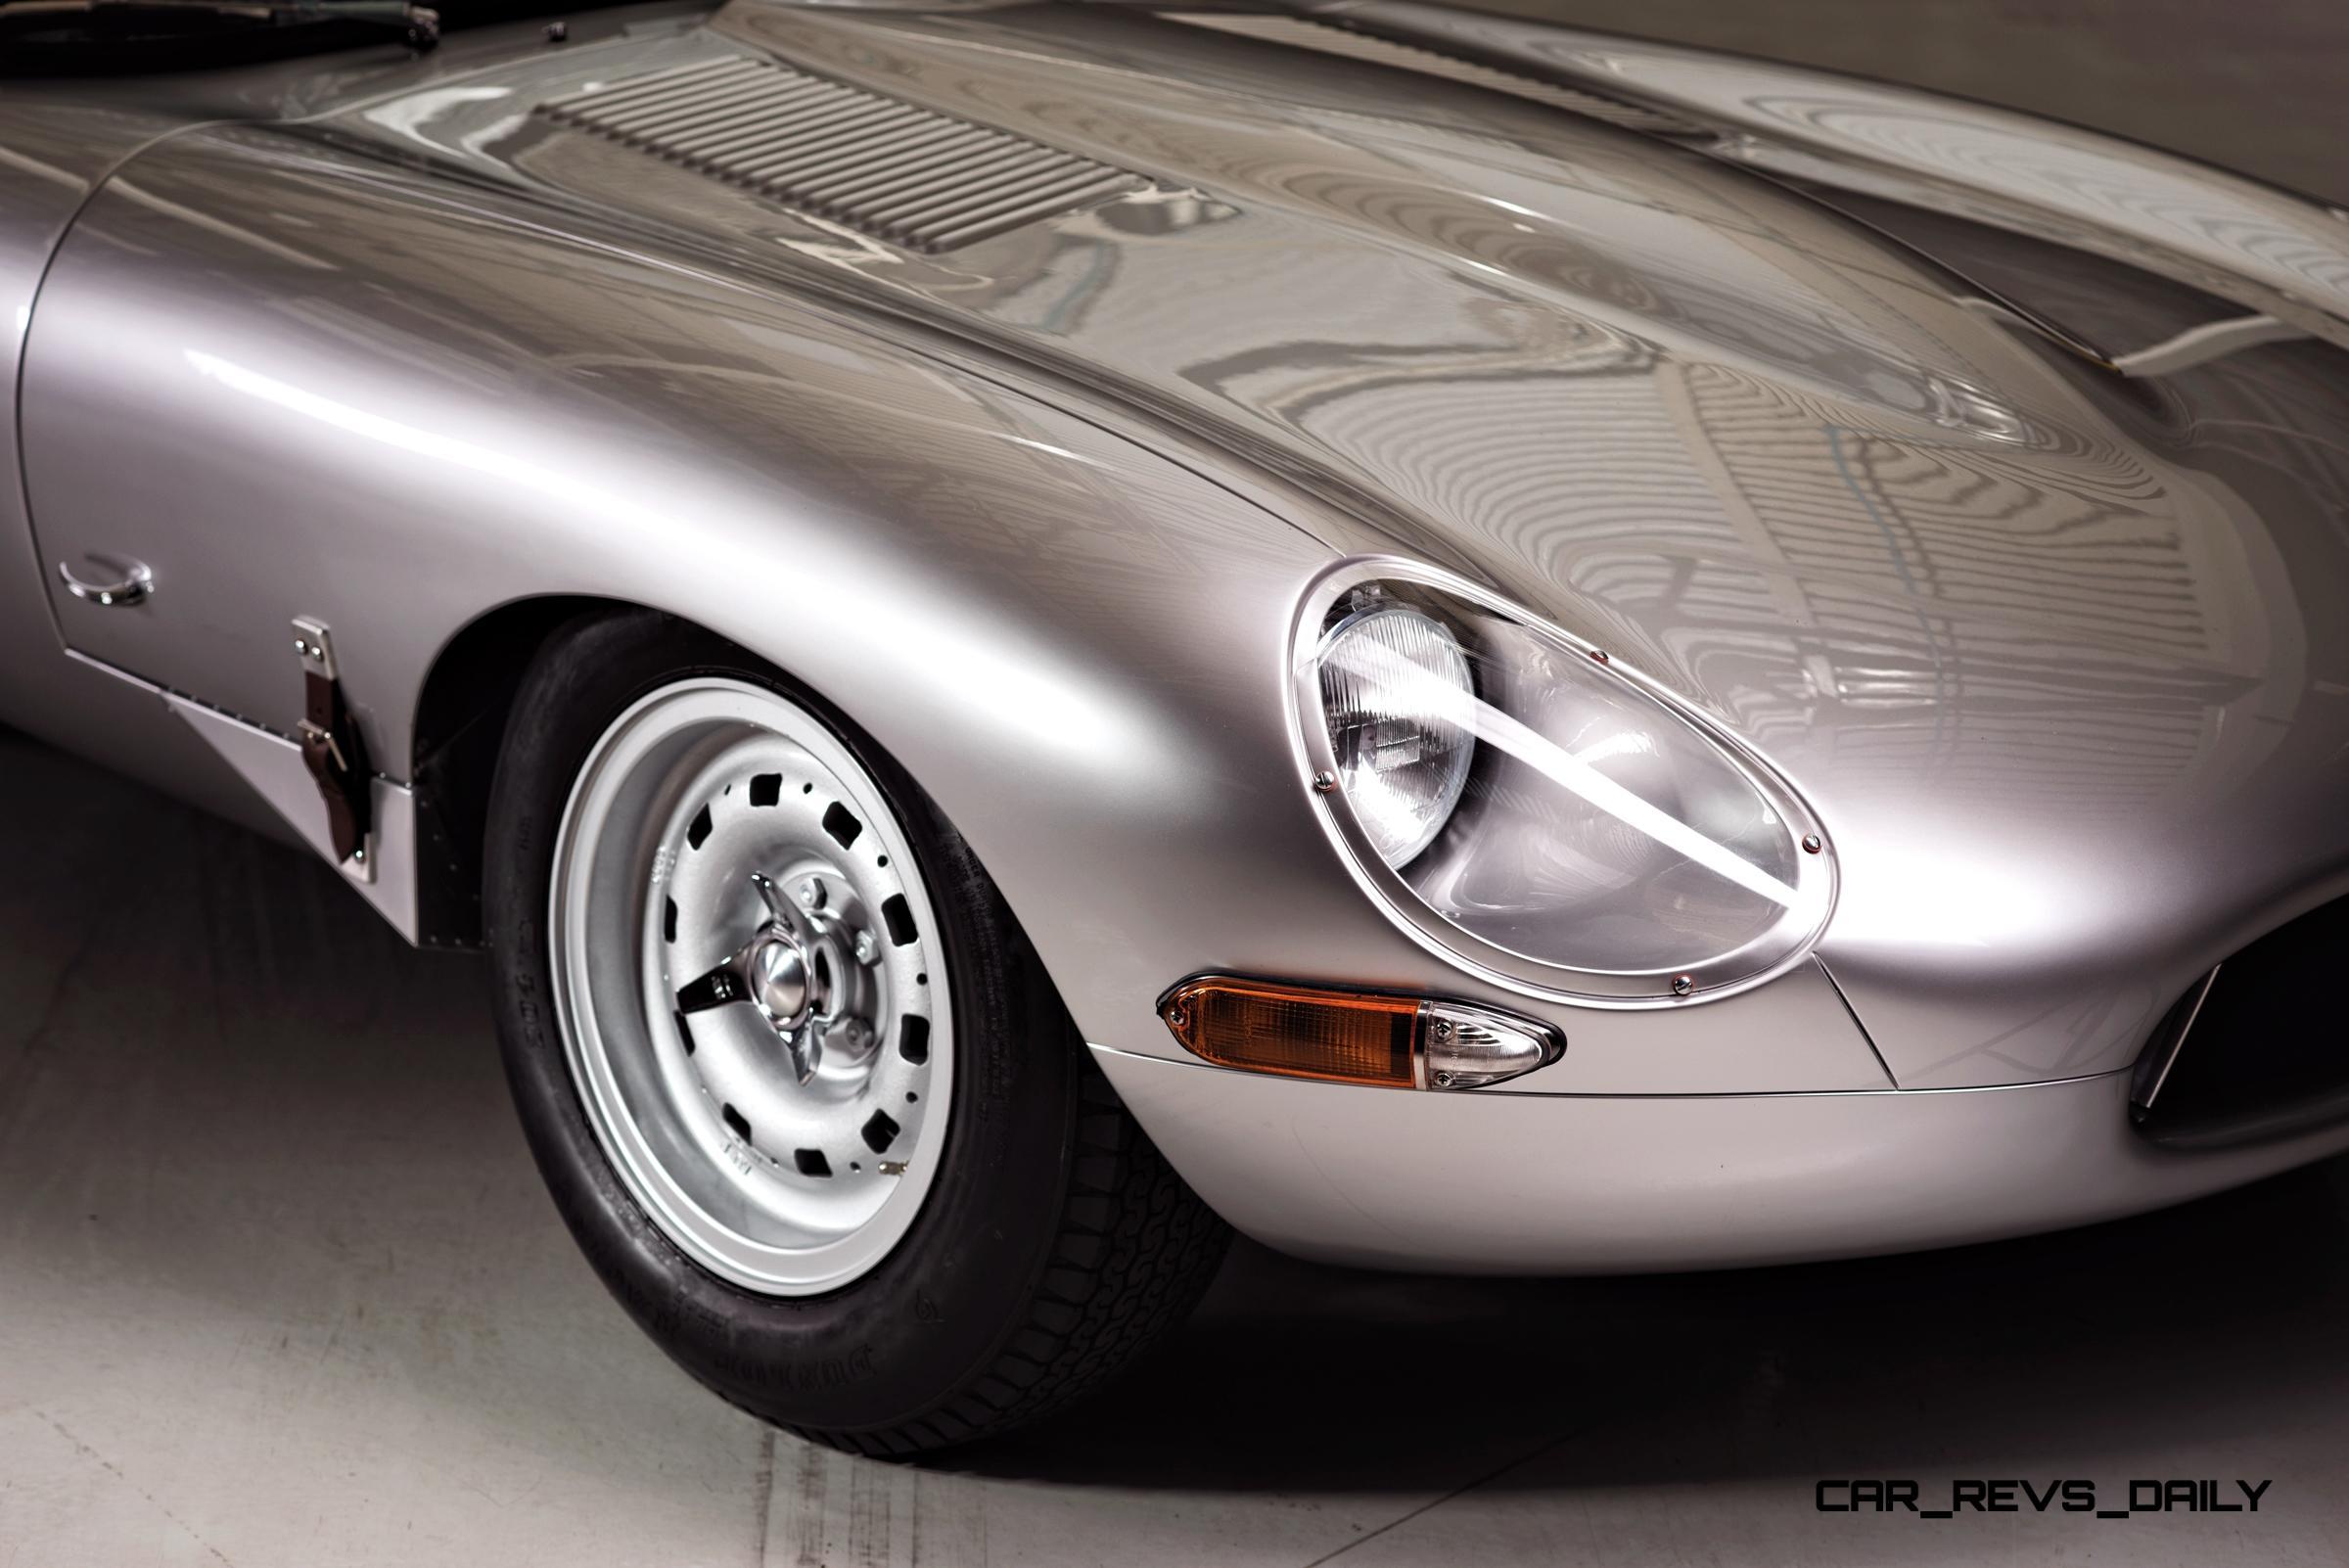 2014 Jaguar Lightweight E Type Full Details Revealed